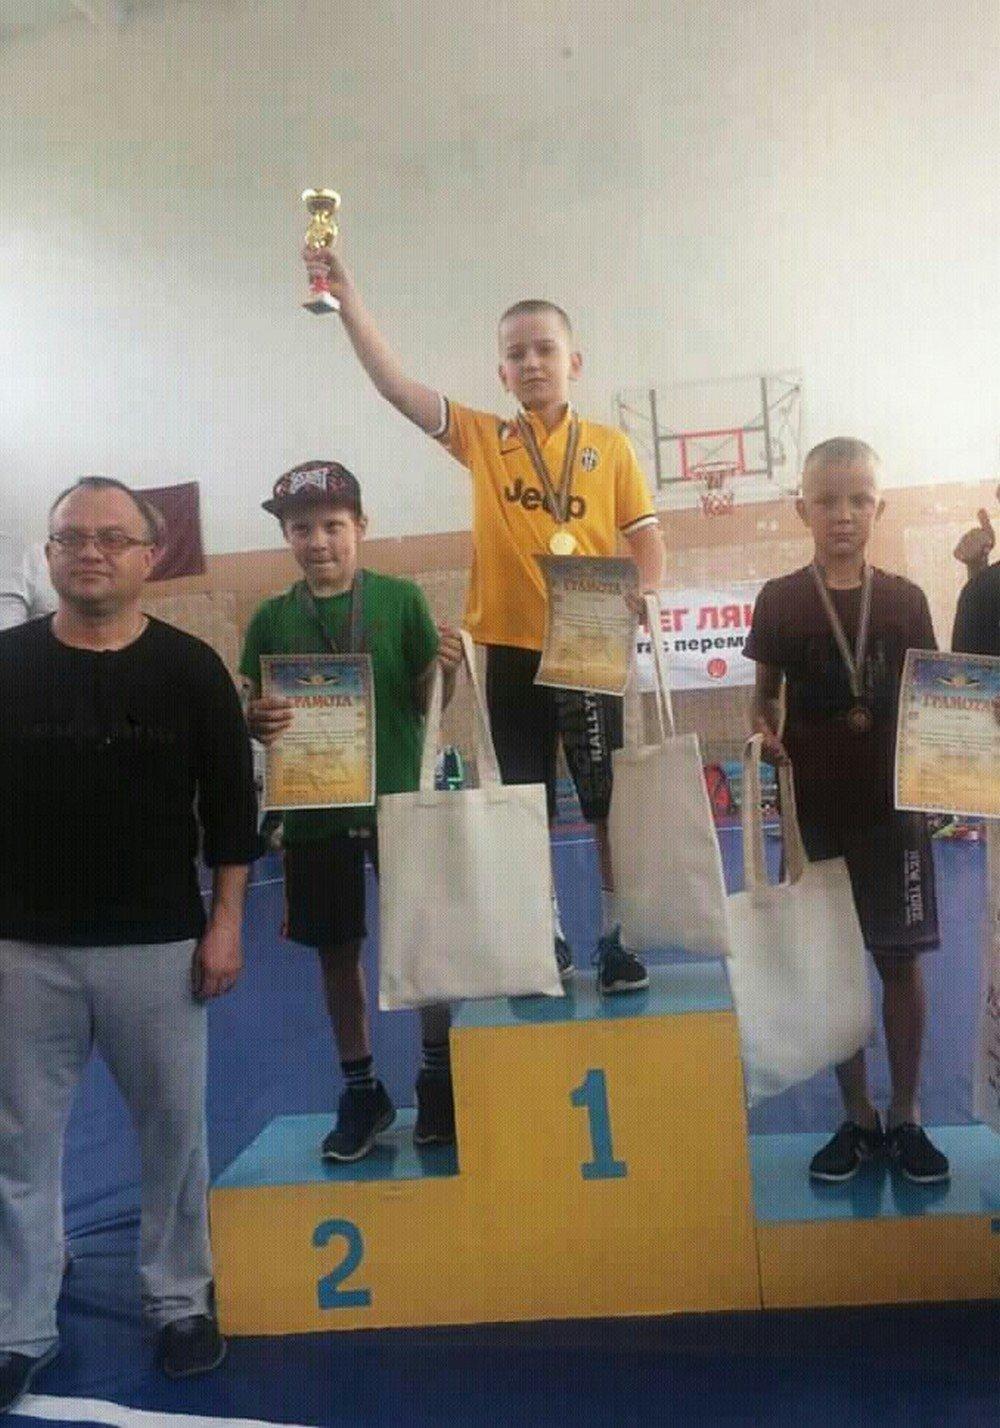 Кам'янецькі спортсмени вибороли ряд призових місць на турнірі з вільної боротьби, фото-1